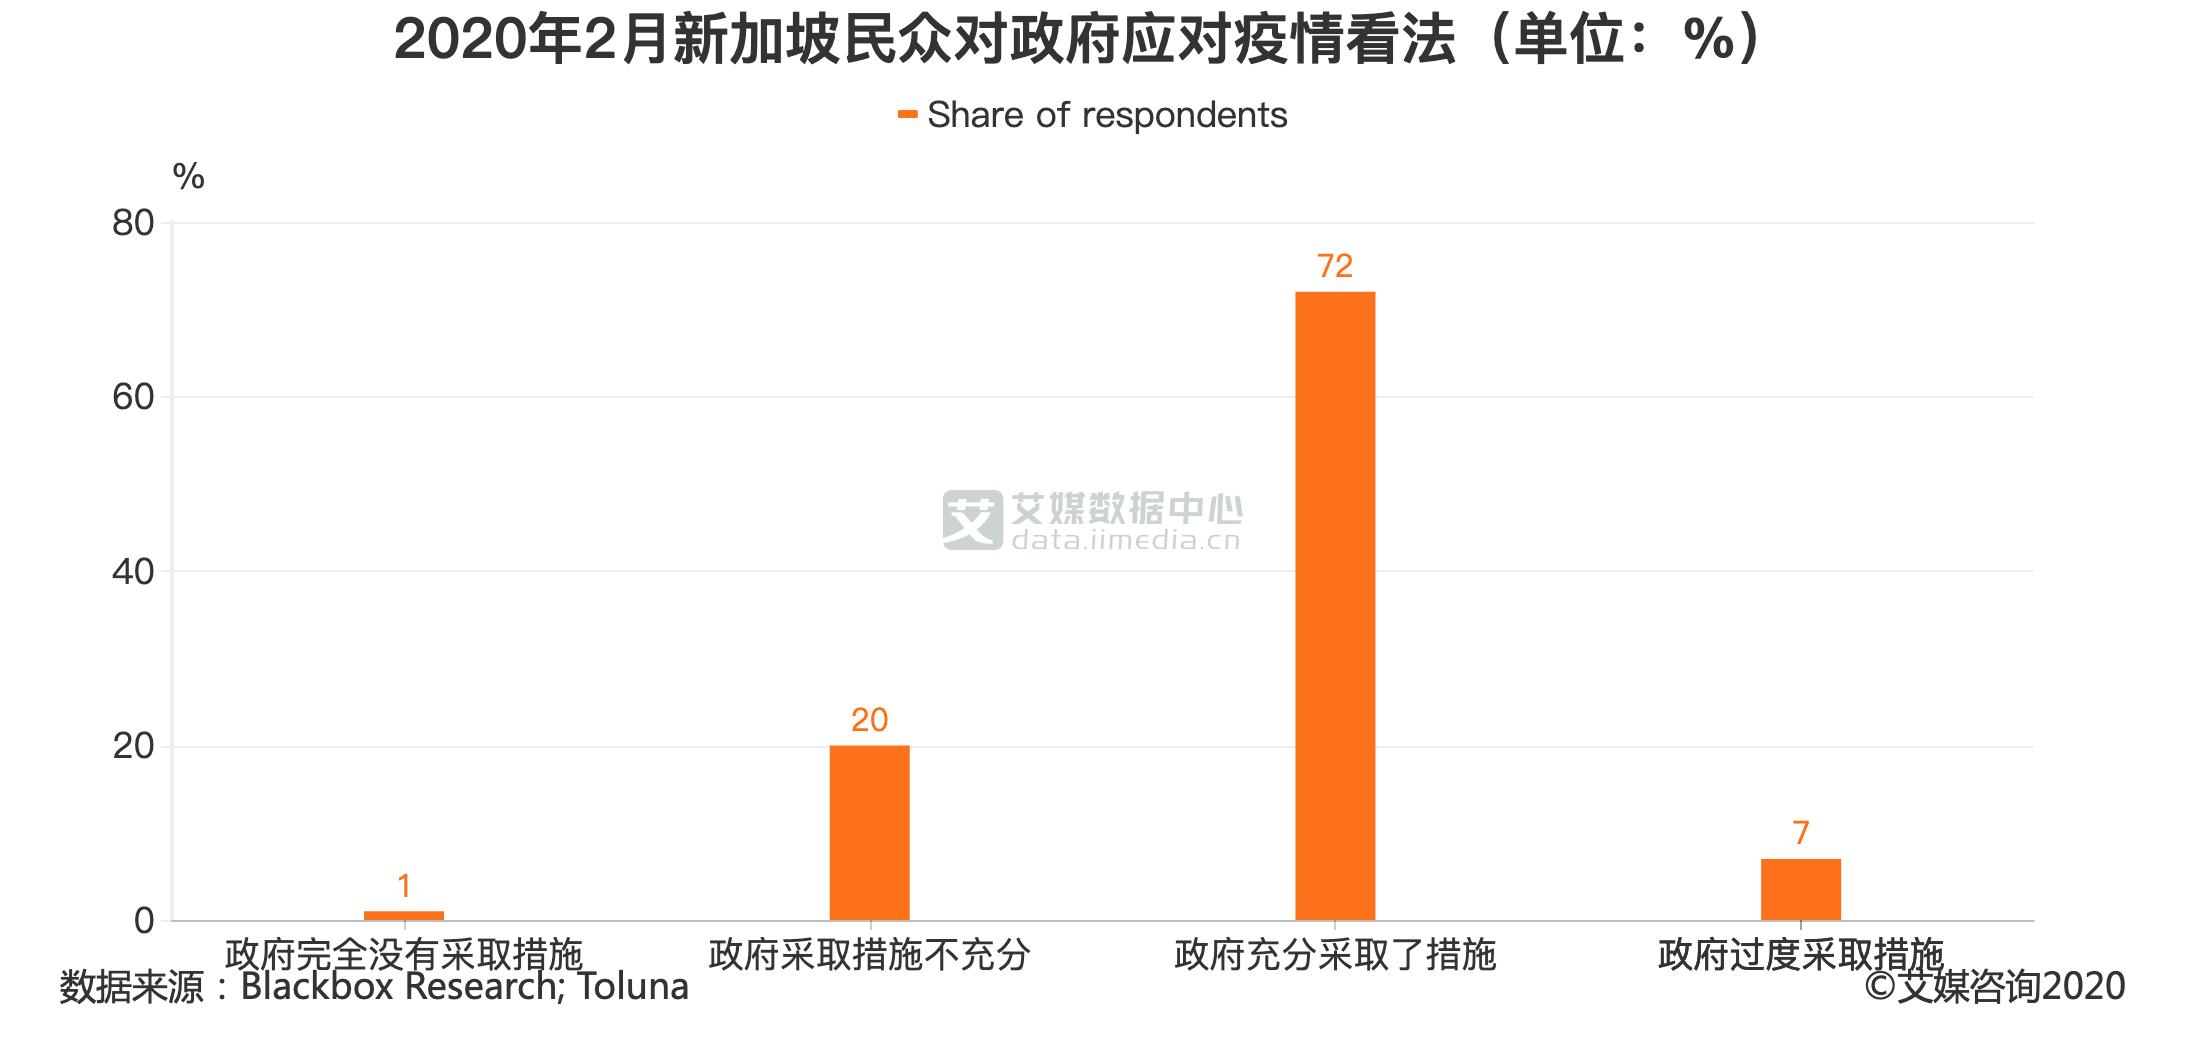 2020年2月新加坡民众对政府应对疫情看法(单位:%)